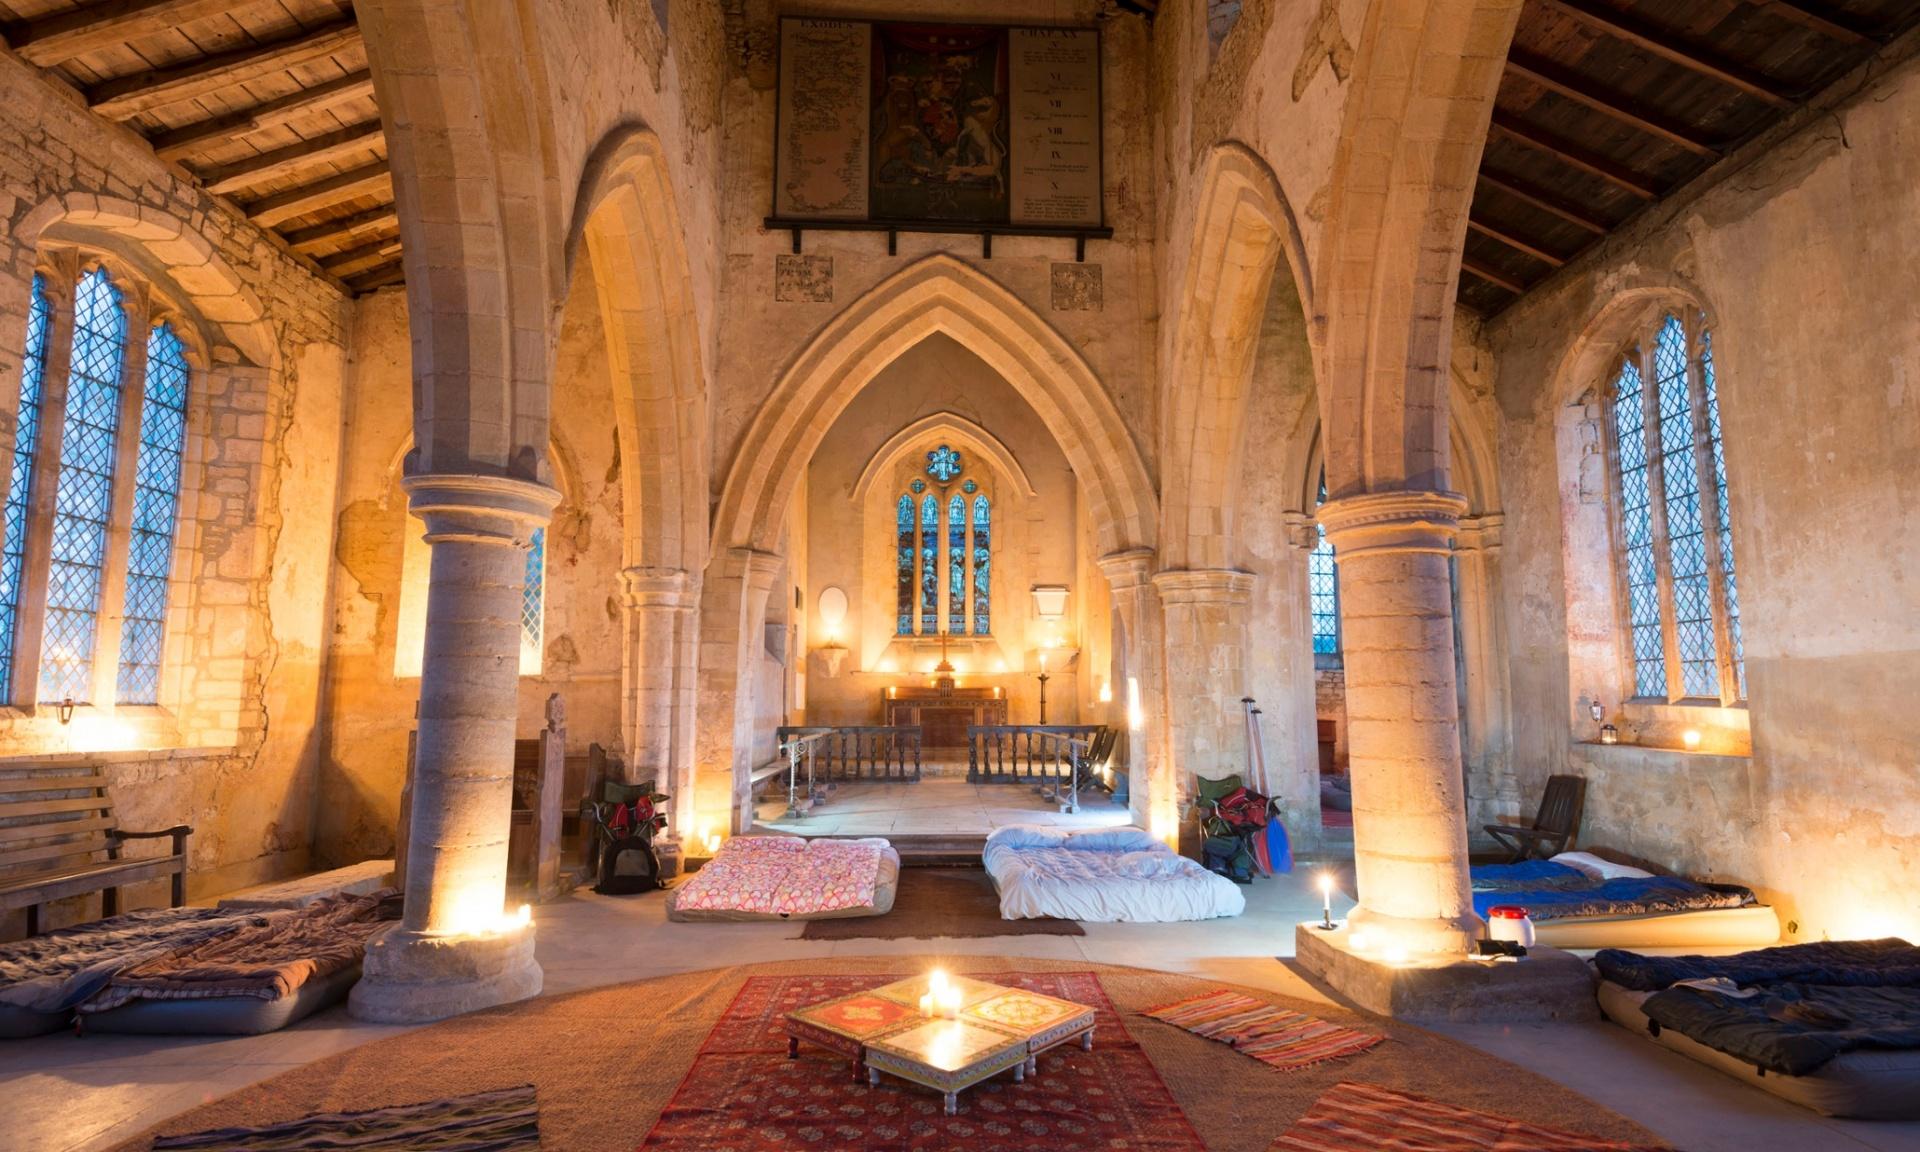 Dormir dans une église Churches Conservation Trust